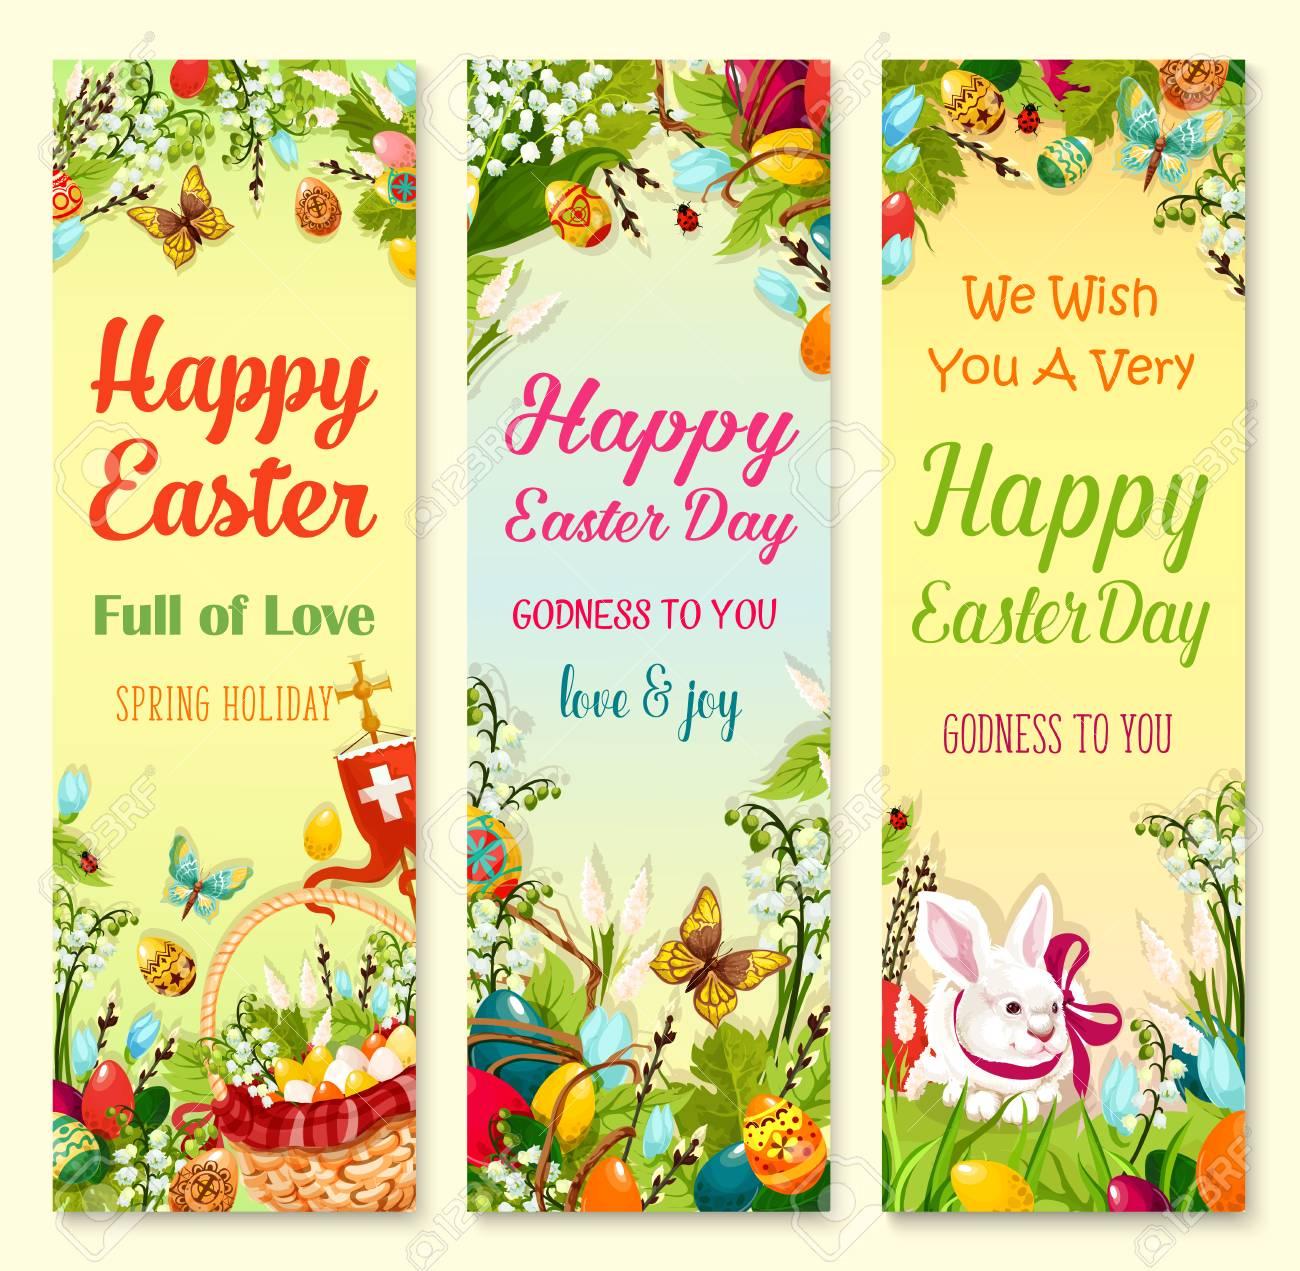 Easter Day Greetings Banner Set Easter Eggs Rabbit Bunny Egg